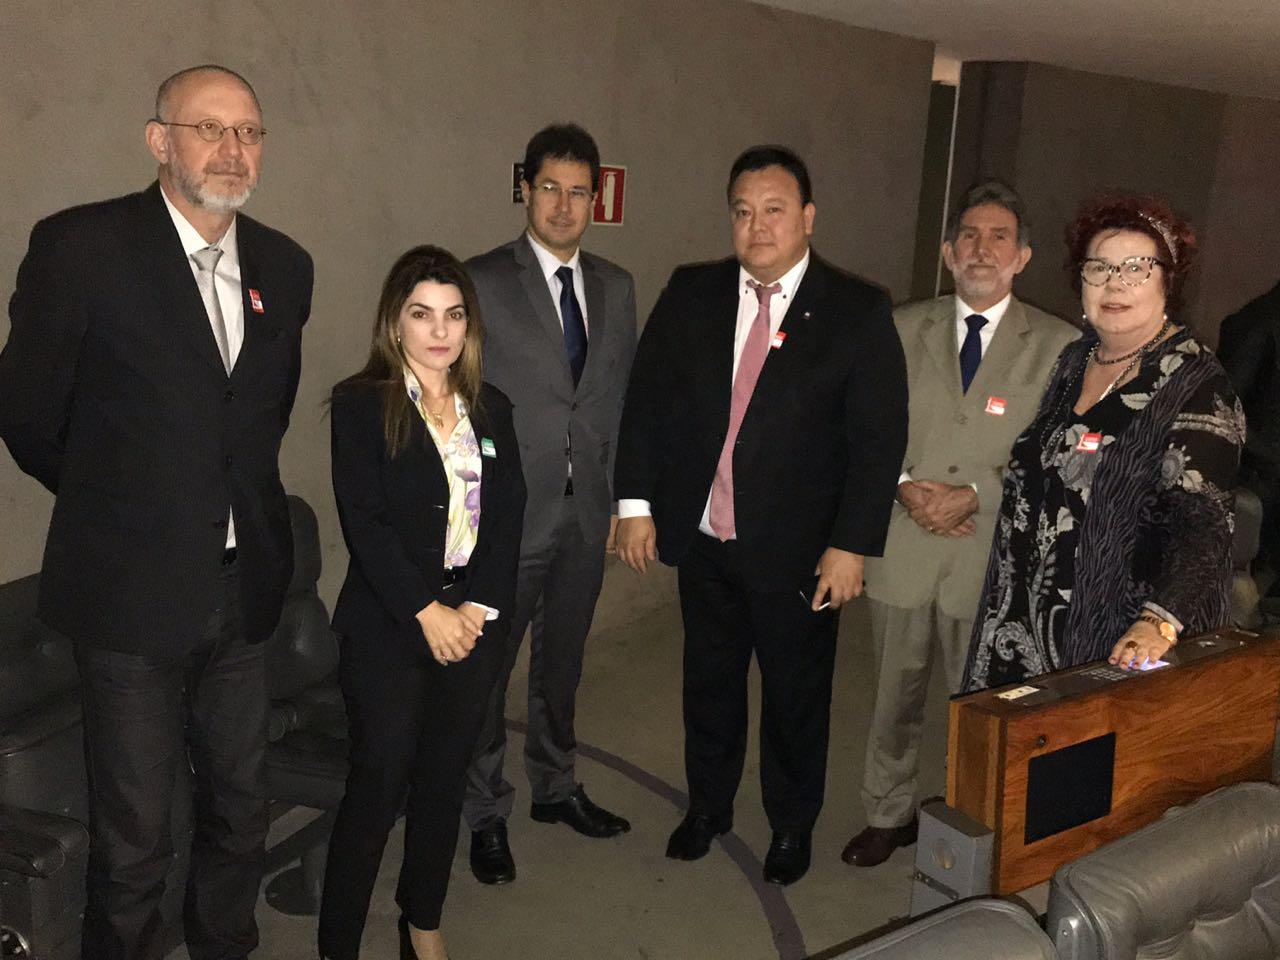 Representantes da AMB fazem reuniões na Câmara com o objetivo de resguardar direitos da magistratura na Reforma da Previdência